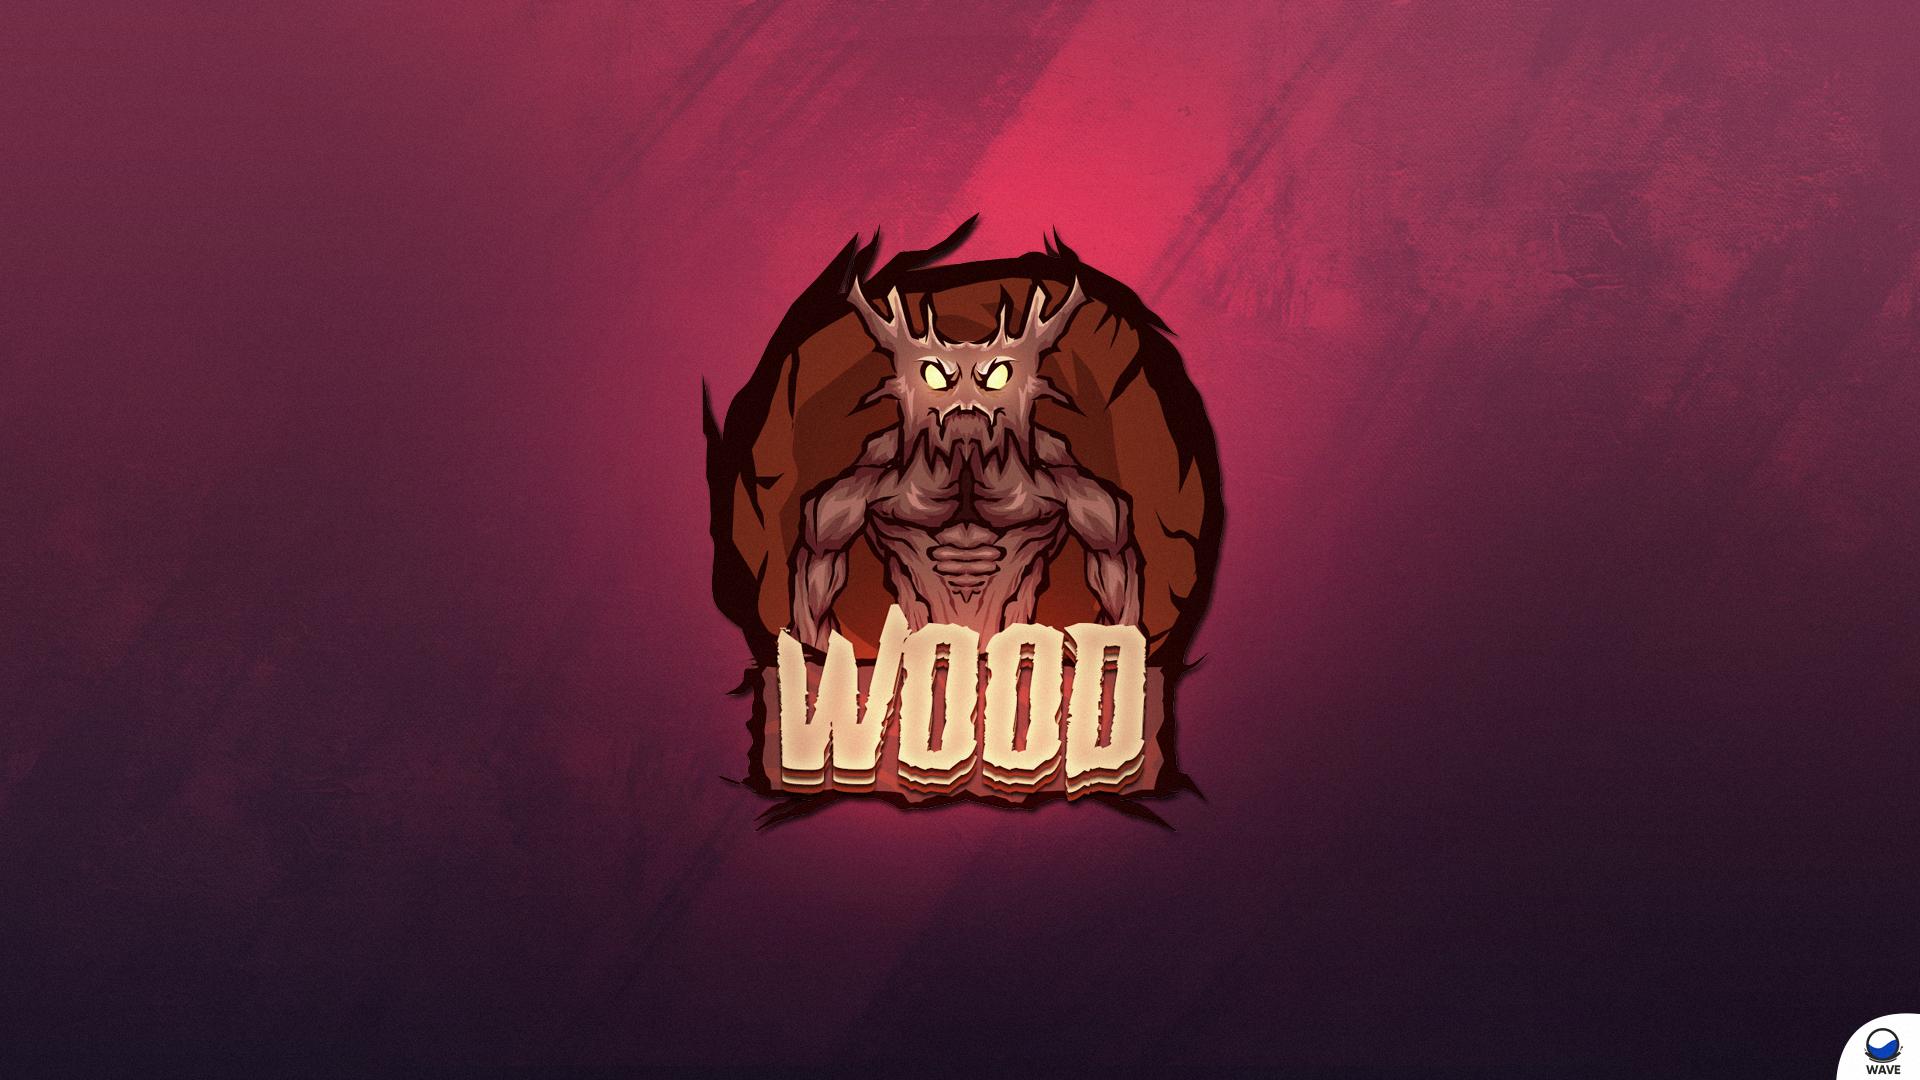 Wood_Mascot_v2.png